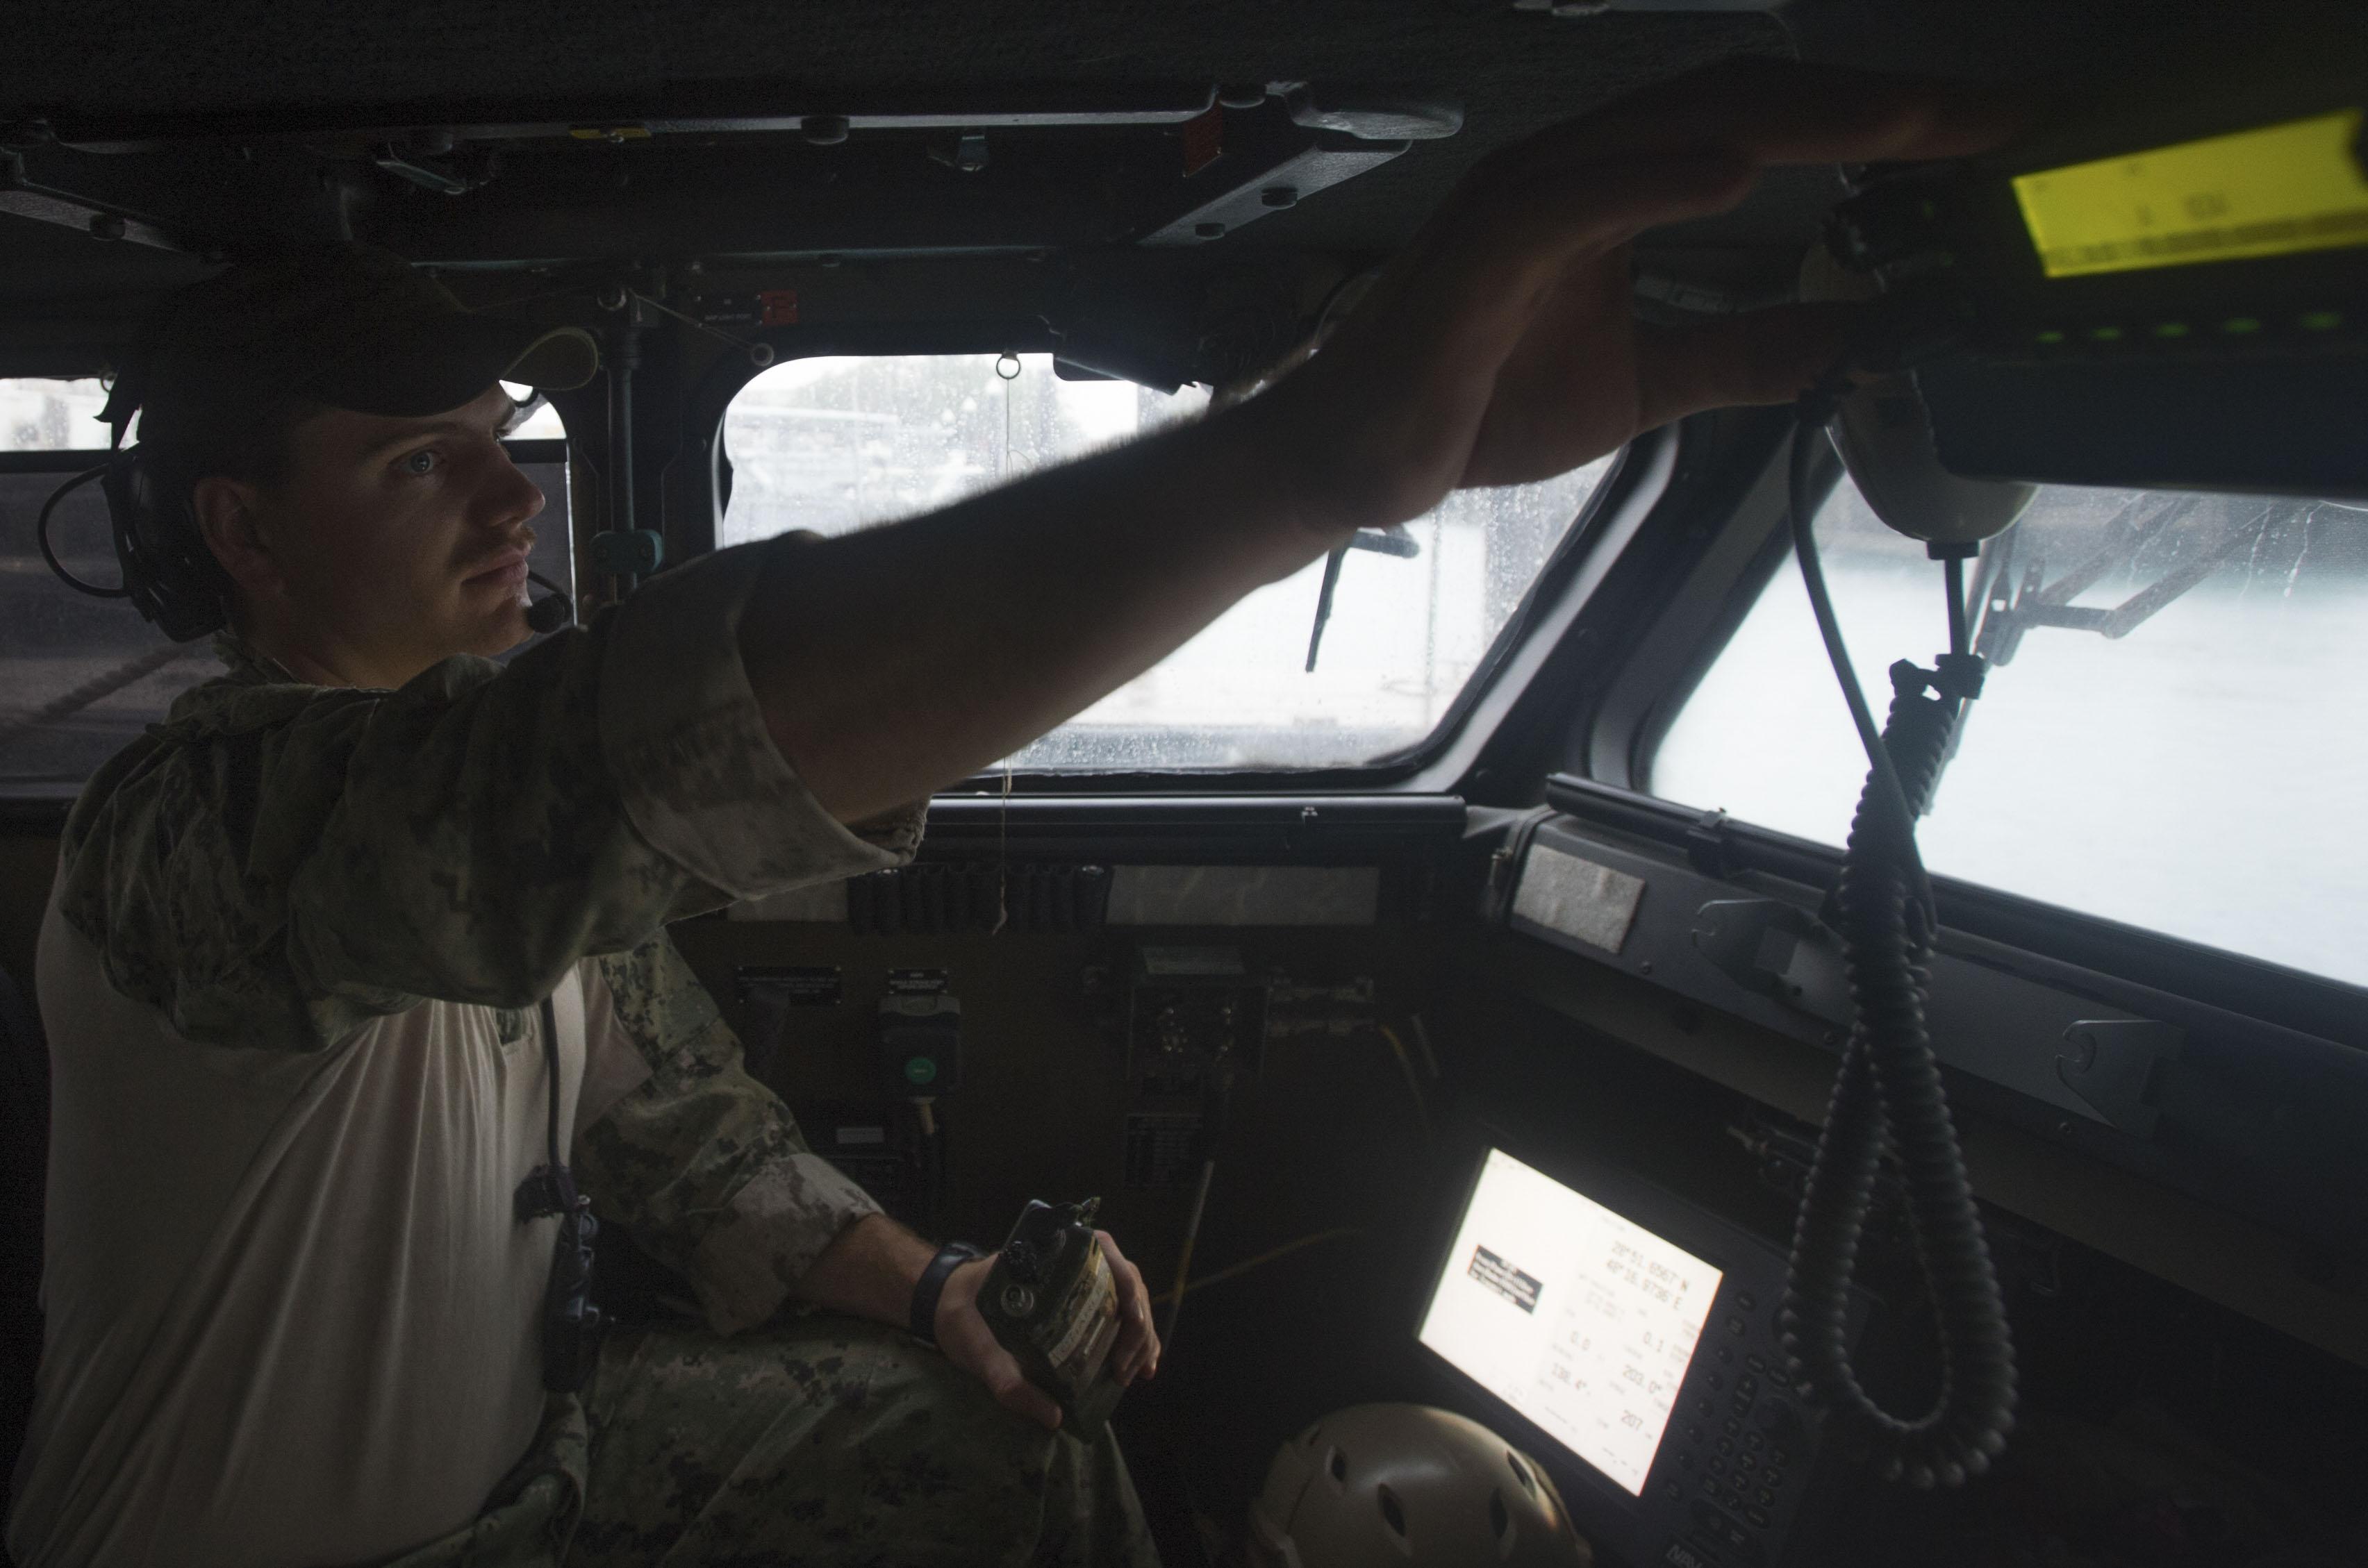 فرمانده تفنگداران آمریکایی که از ایران عذرخواهی کرد که بود؟+ تصاویر